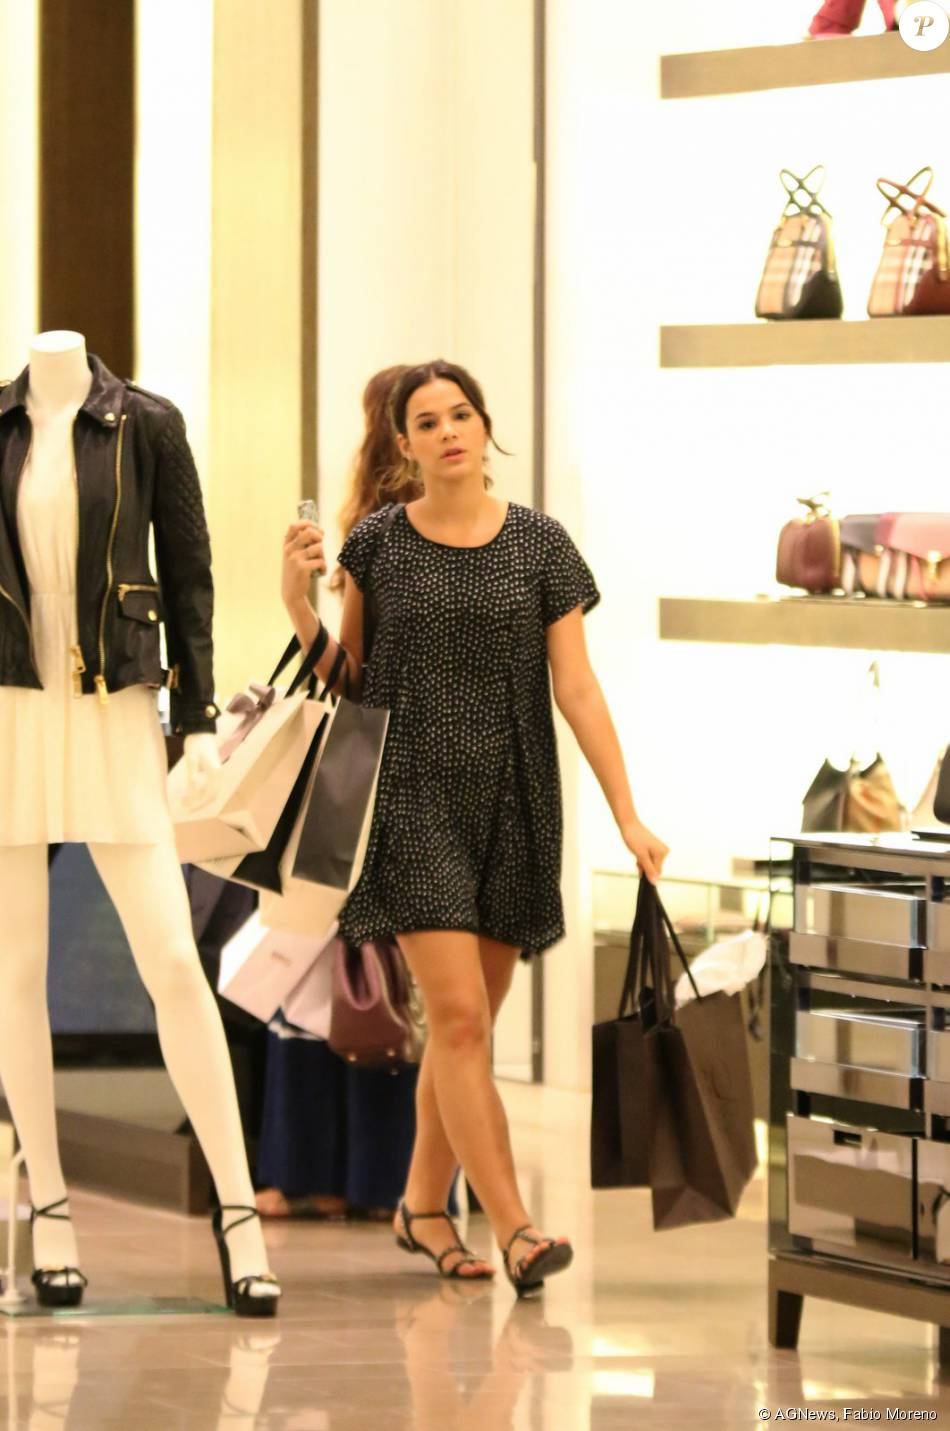 Bruna Marquezine foi às compras nesta quinta-feira, dia 30 de julho de 2015 b283e903b0